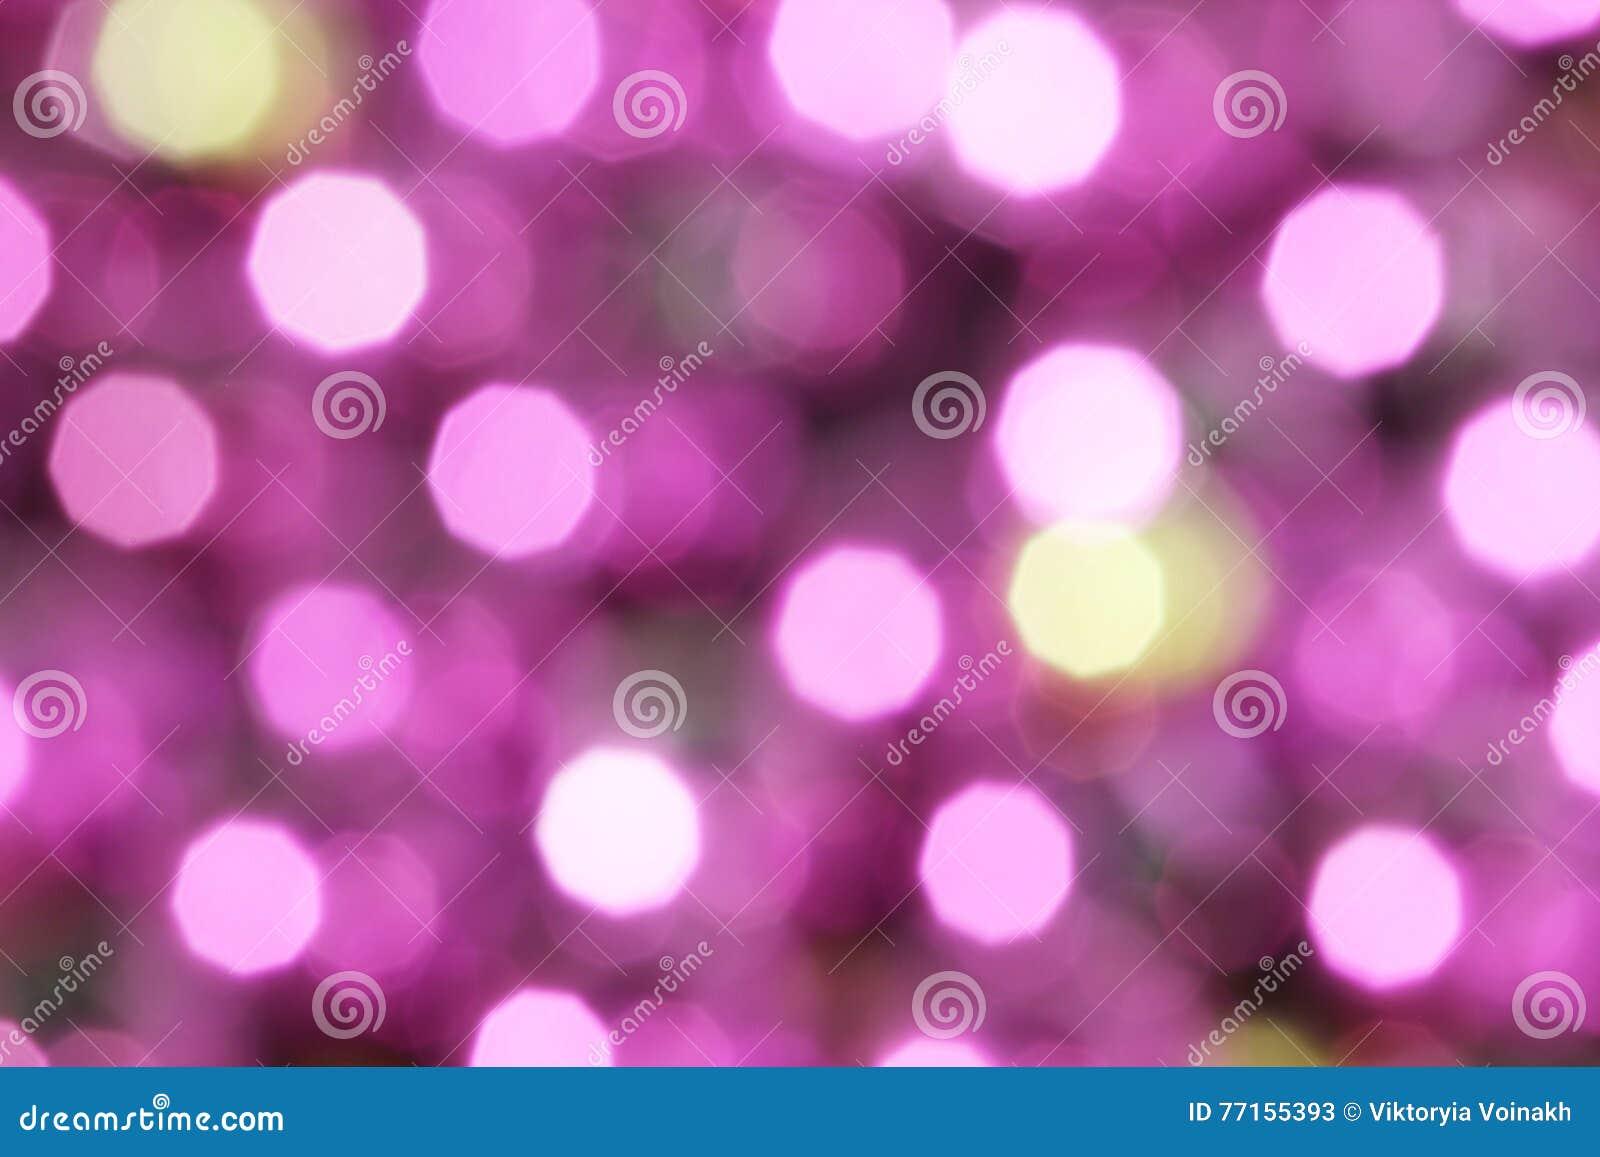 Fond lumineux de Blured